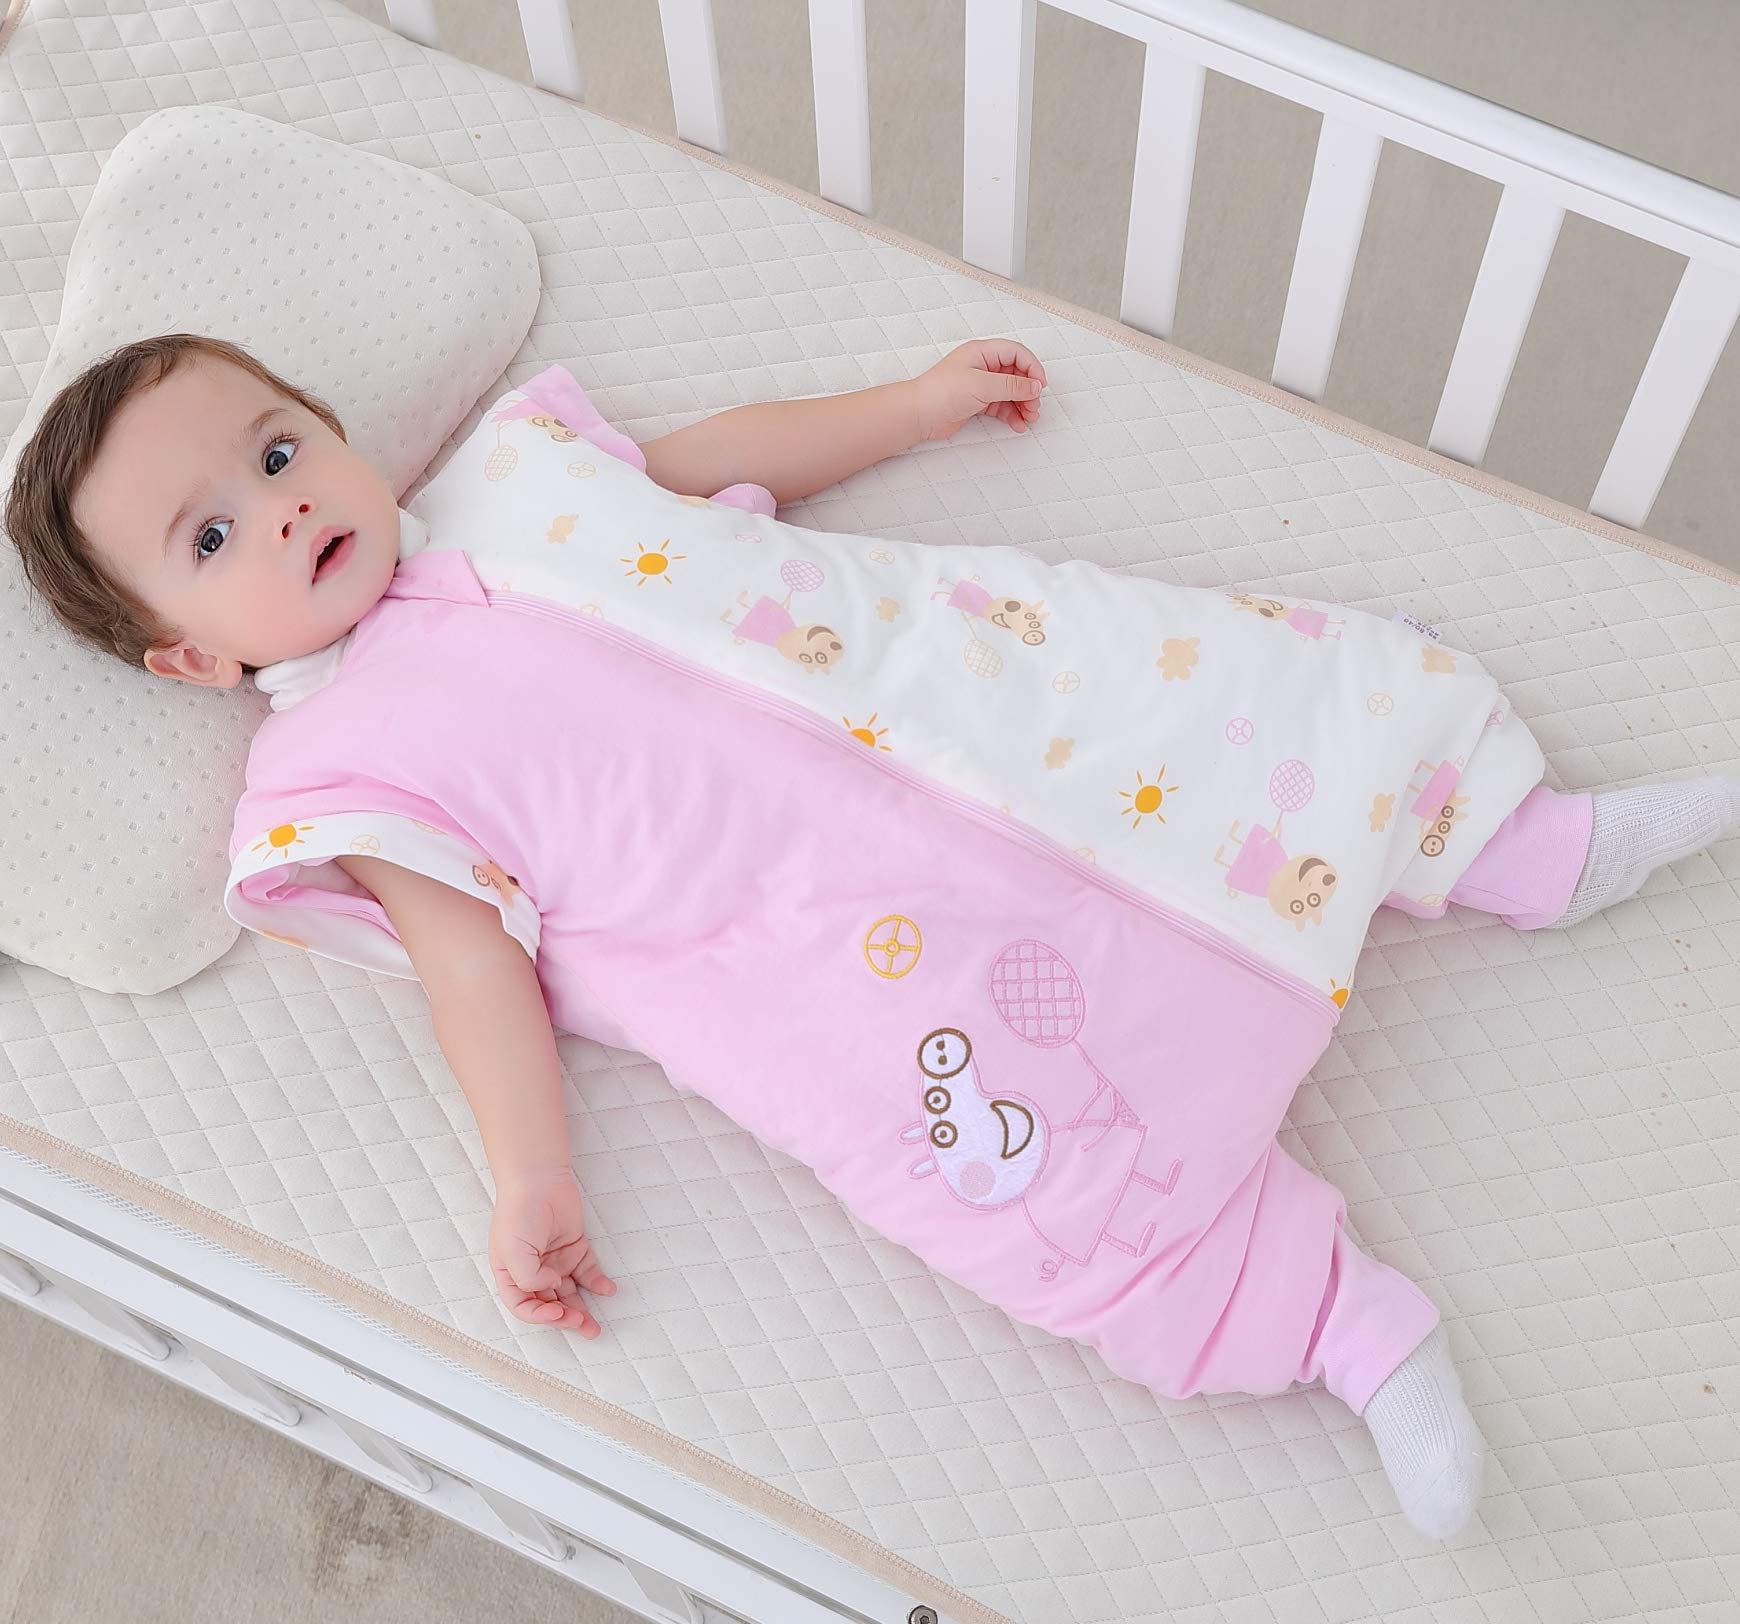 Saco de dormir para bebé con pies y pijama de manga larga de algodón, traje de dormir para bebé de 1 a 3 años.